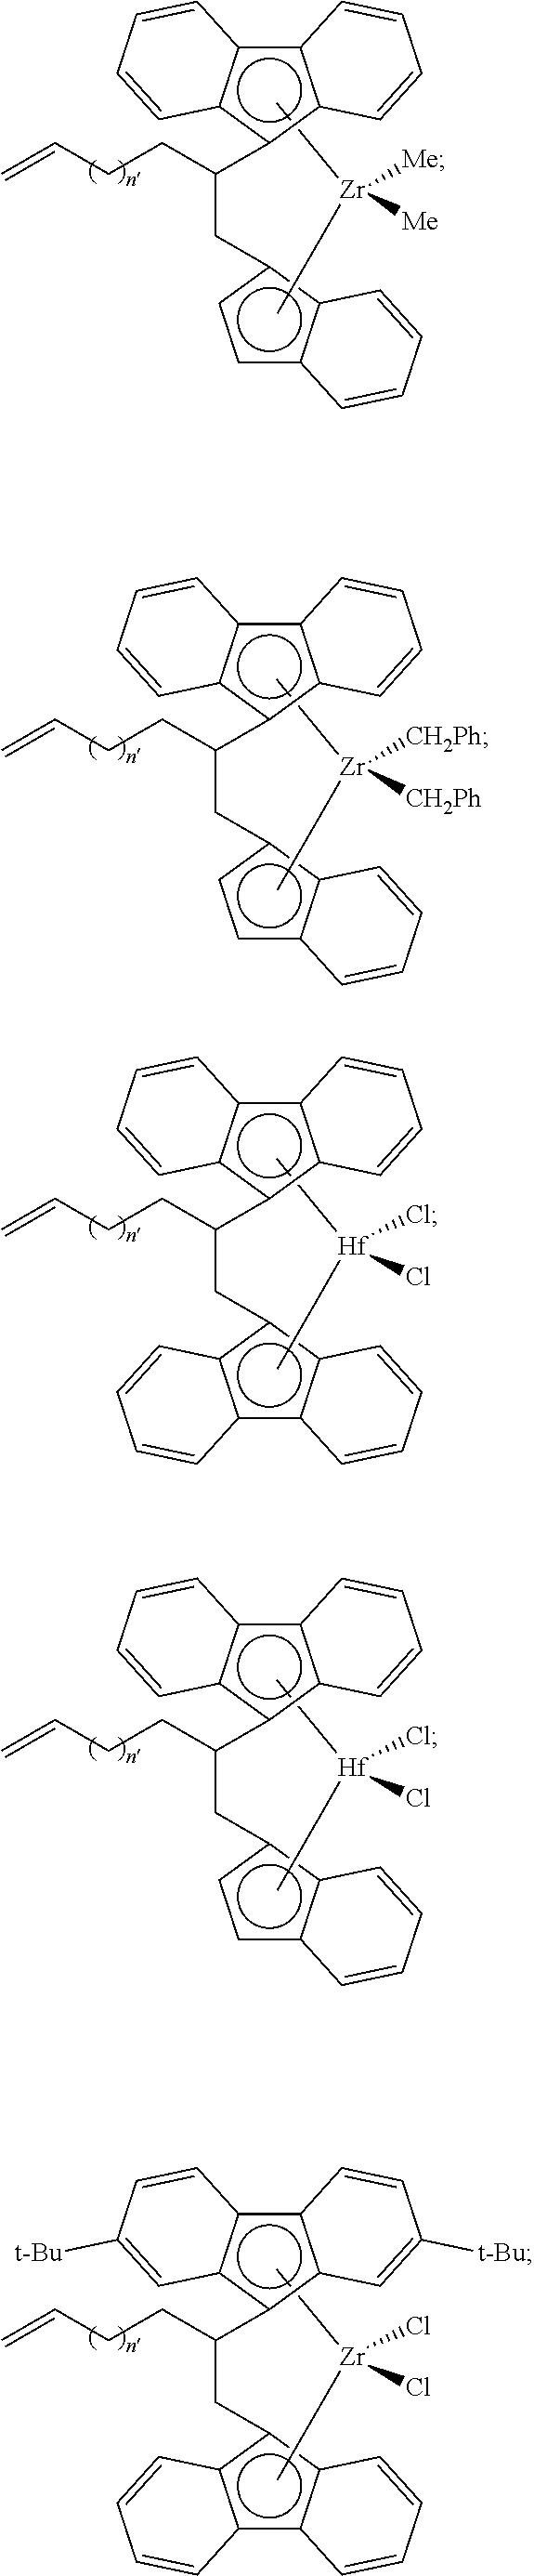 Figure US08143183-20120327-C00016